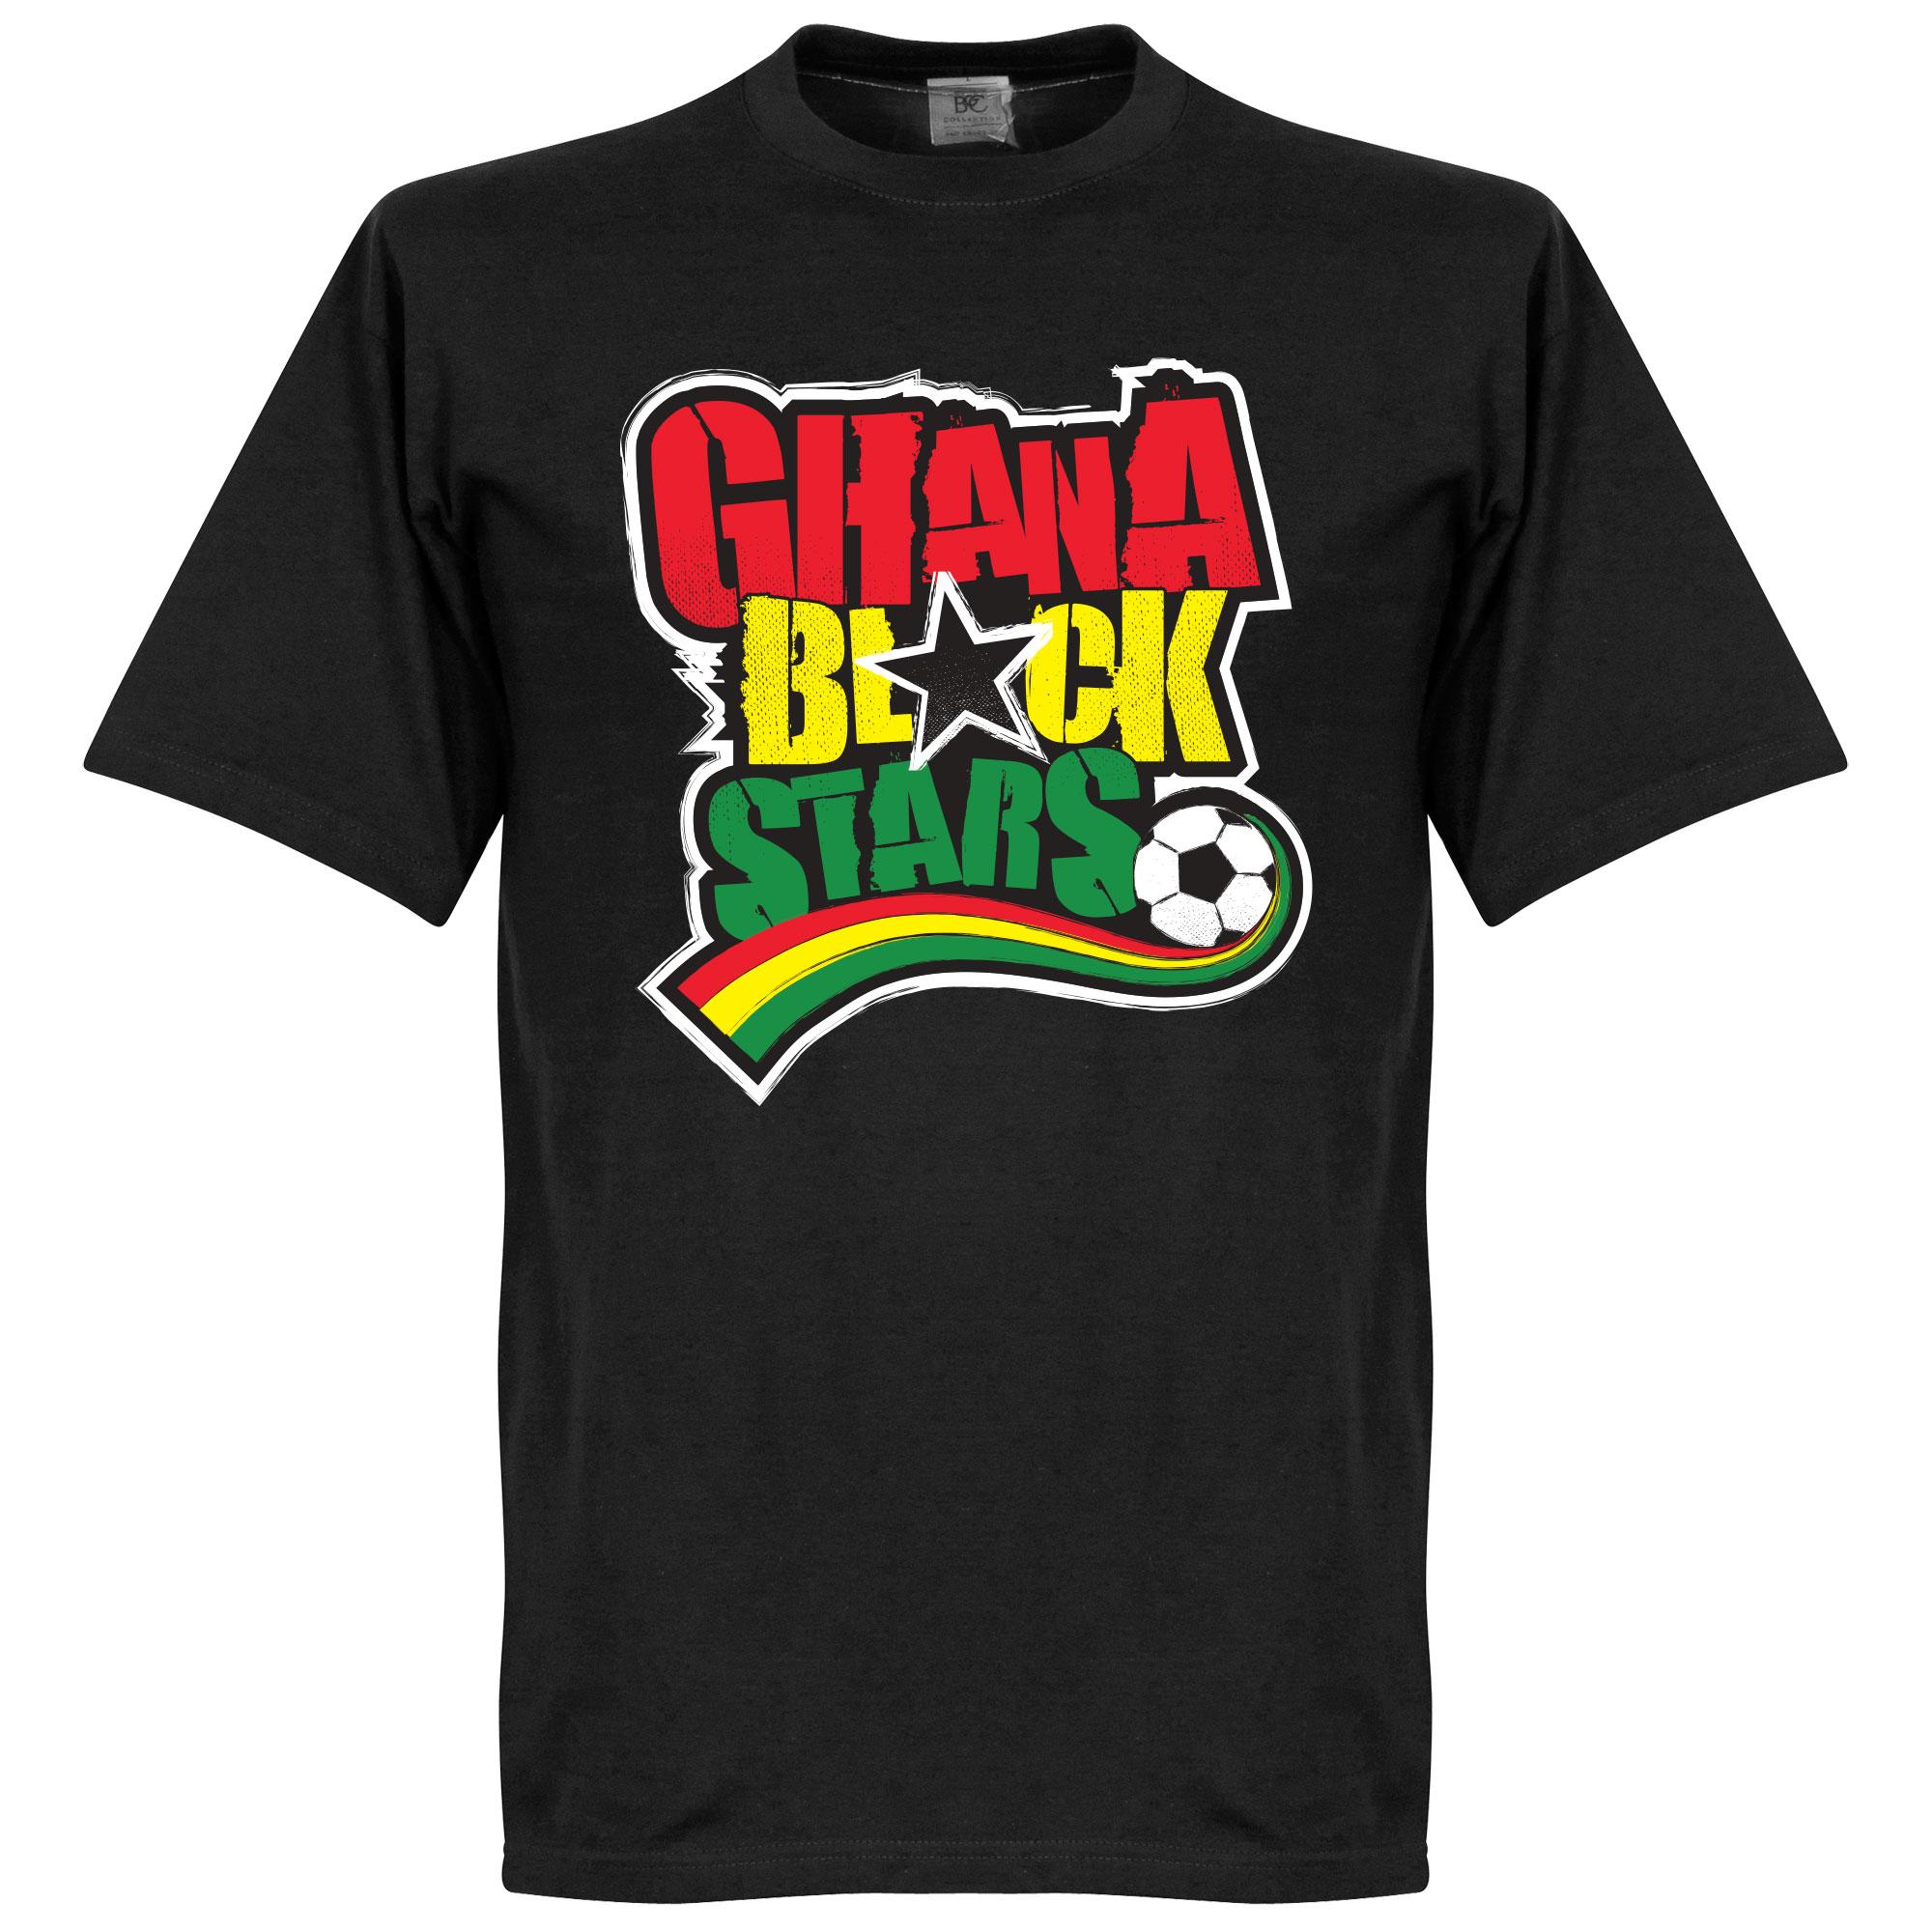 Ghana Black Stars Tee - Black - M